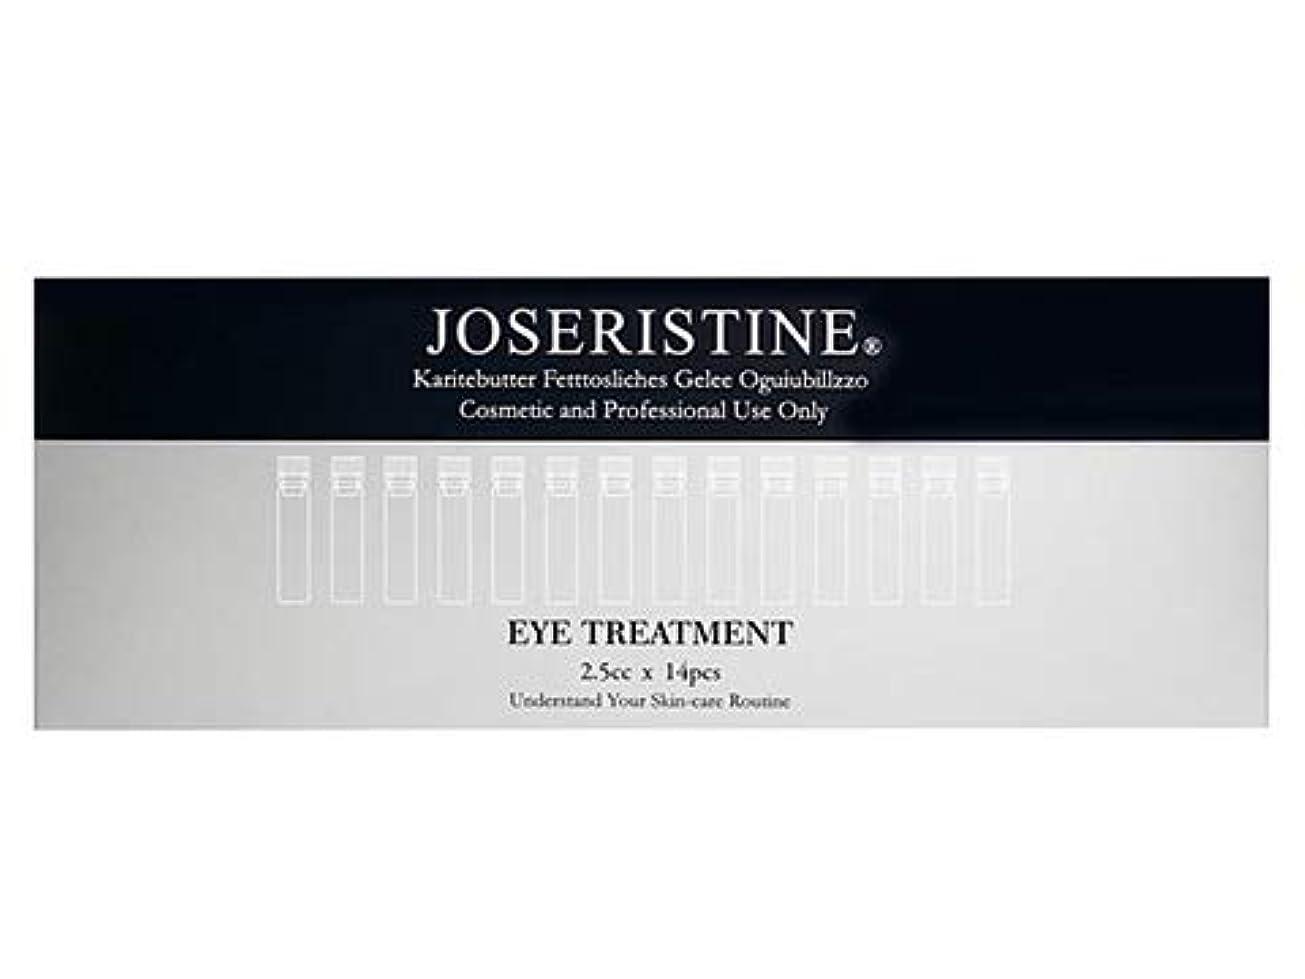 アラブサラボラバ鷹[Joseristine] アイ トリートメント Joseristine Eye Treatment (14pcs)